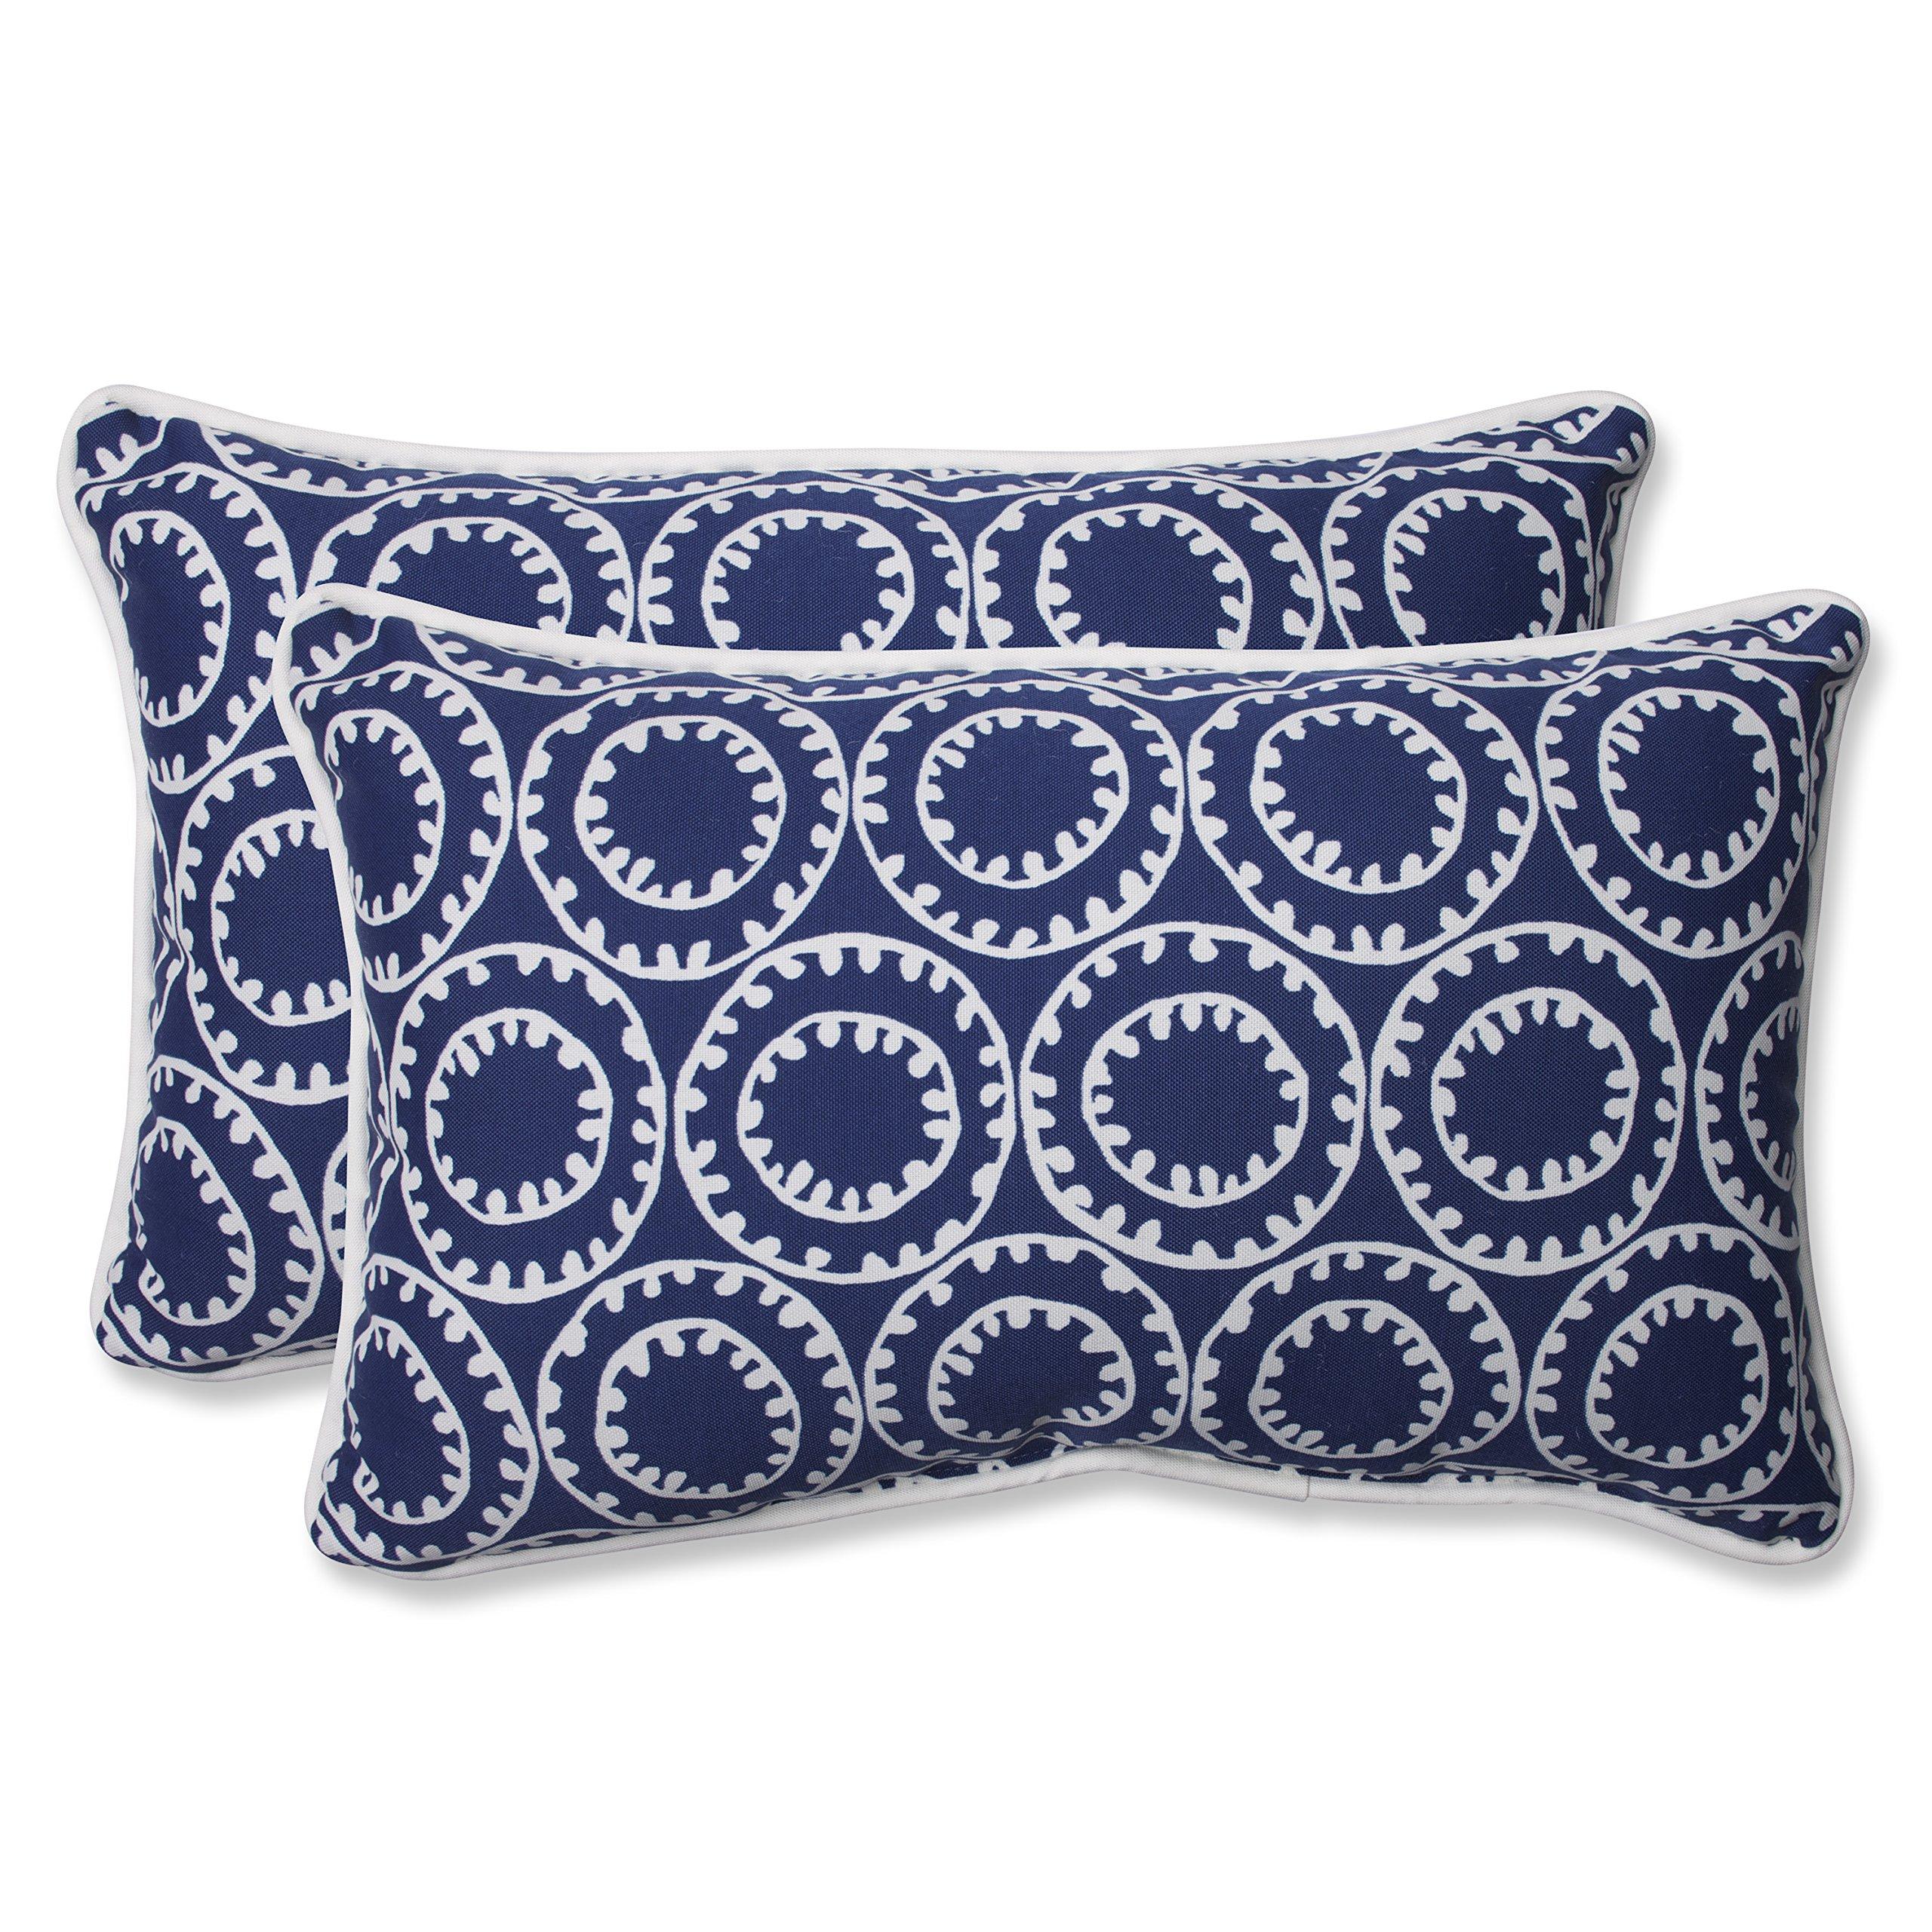 Pillow Perfect 568287 Outdoor Ring a Bell Rectangular Throw Pillow, Set of 2, 18.5'' x 5'' x 11.5'' Blue